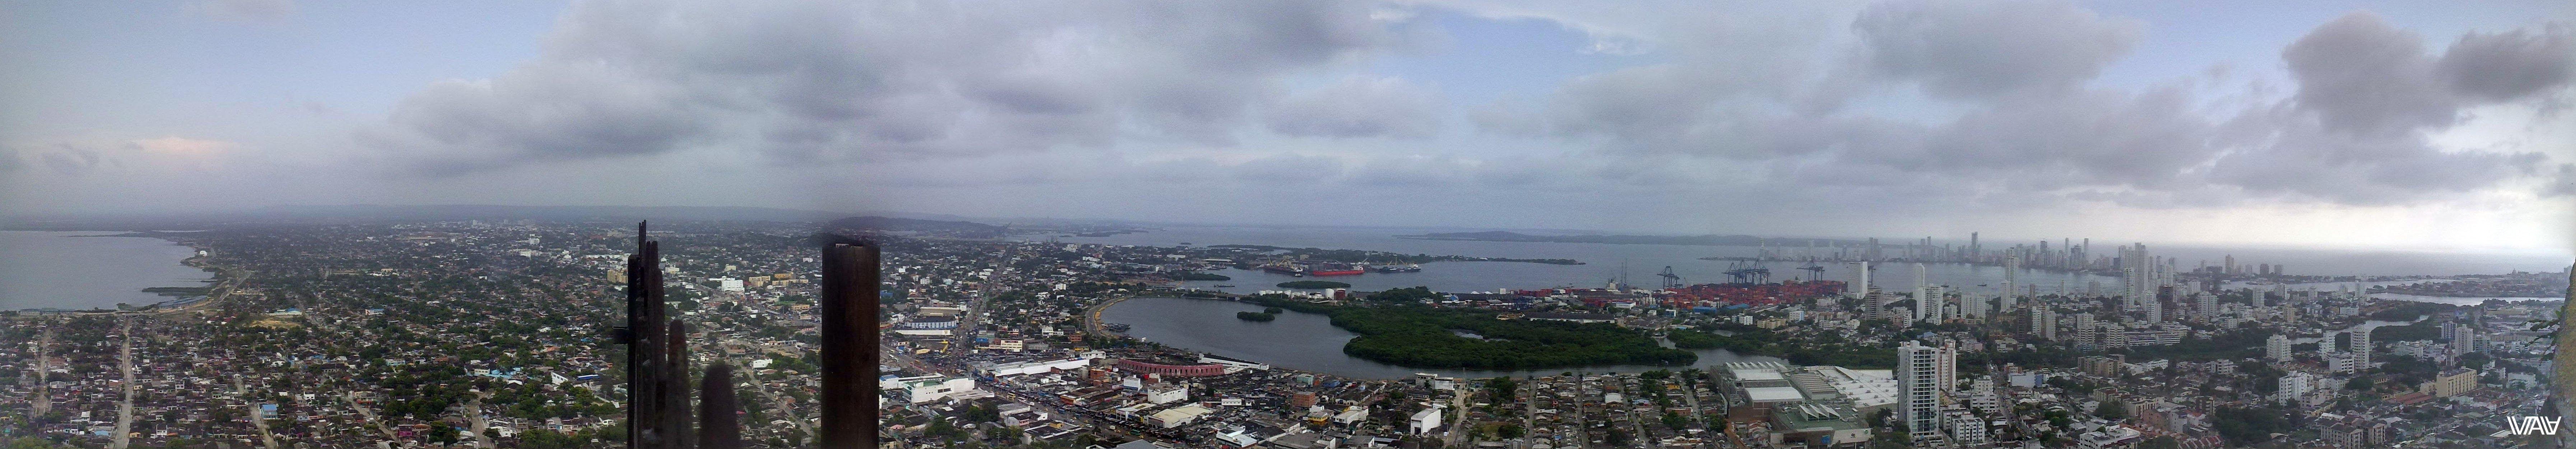 Весь город вместе с заливом и портом как на ладони. Отличные виды с Монастыря Папы, Картахена, Колумбия